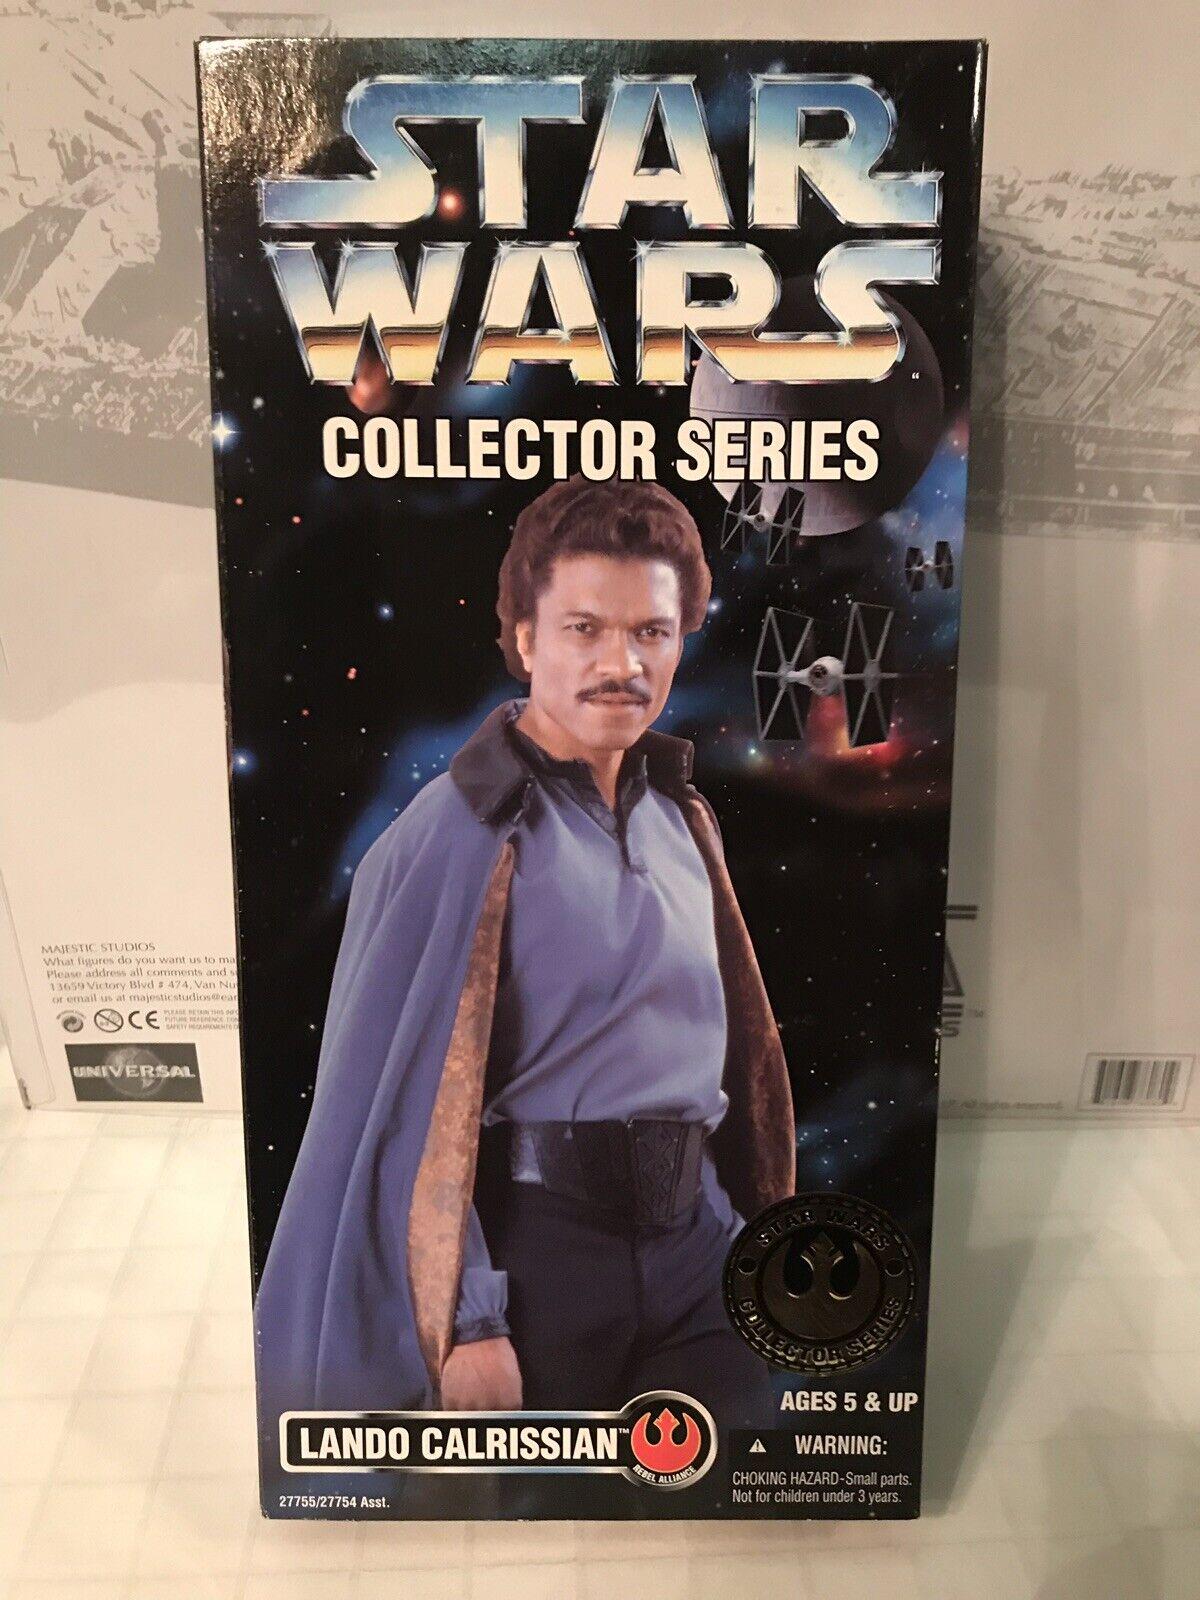 """Star Wars Collector Series Lamdo Calrissian 12"""""""